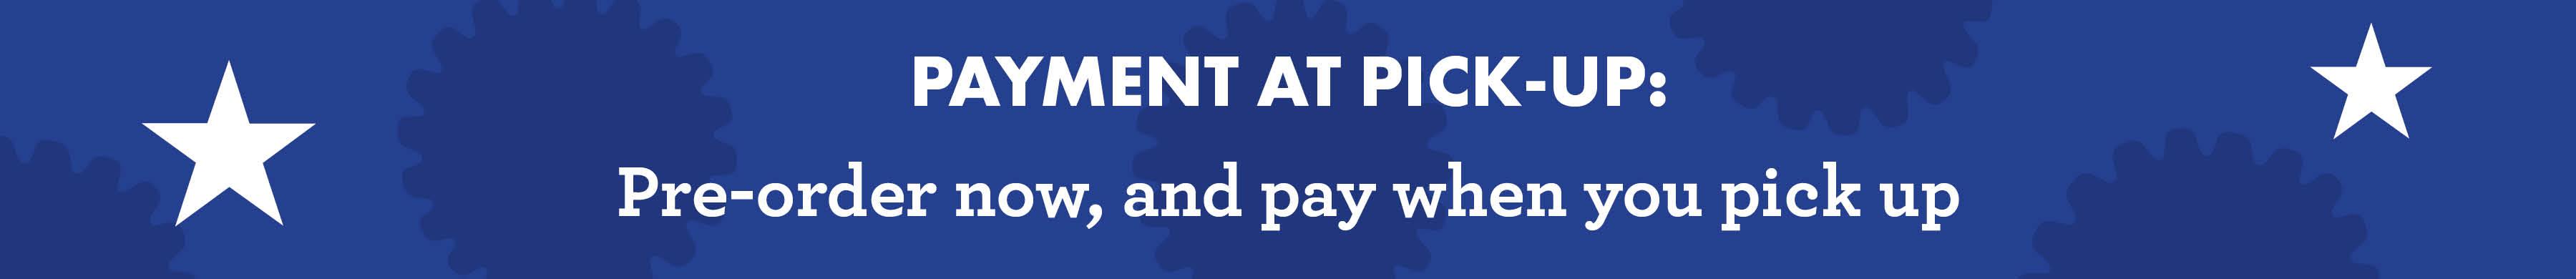 web pay at pickup